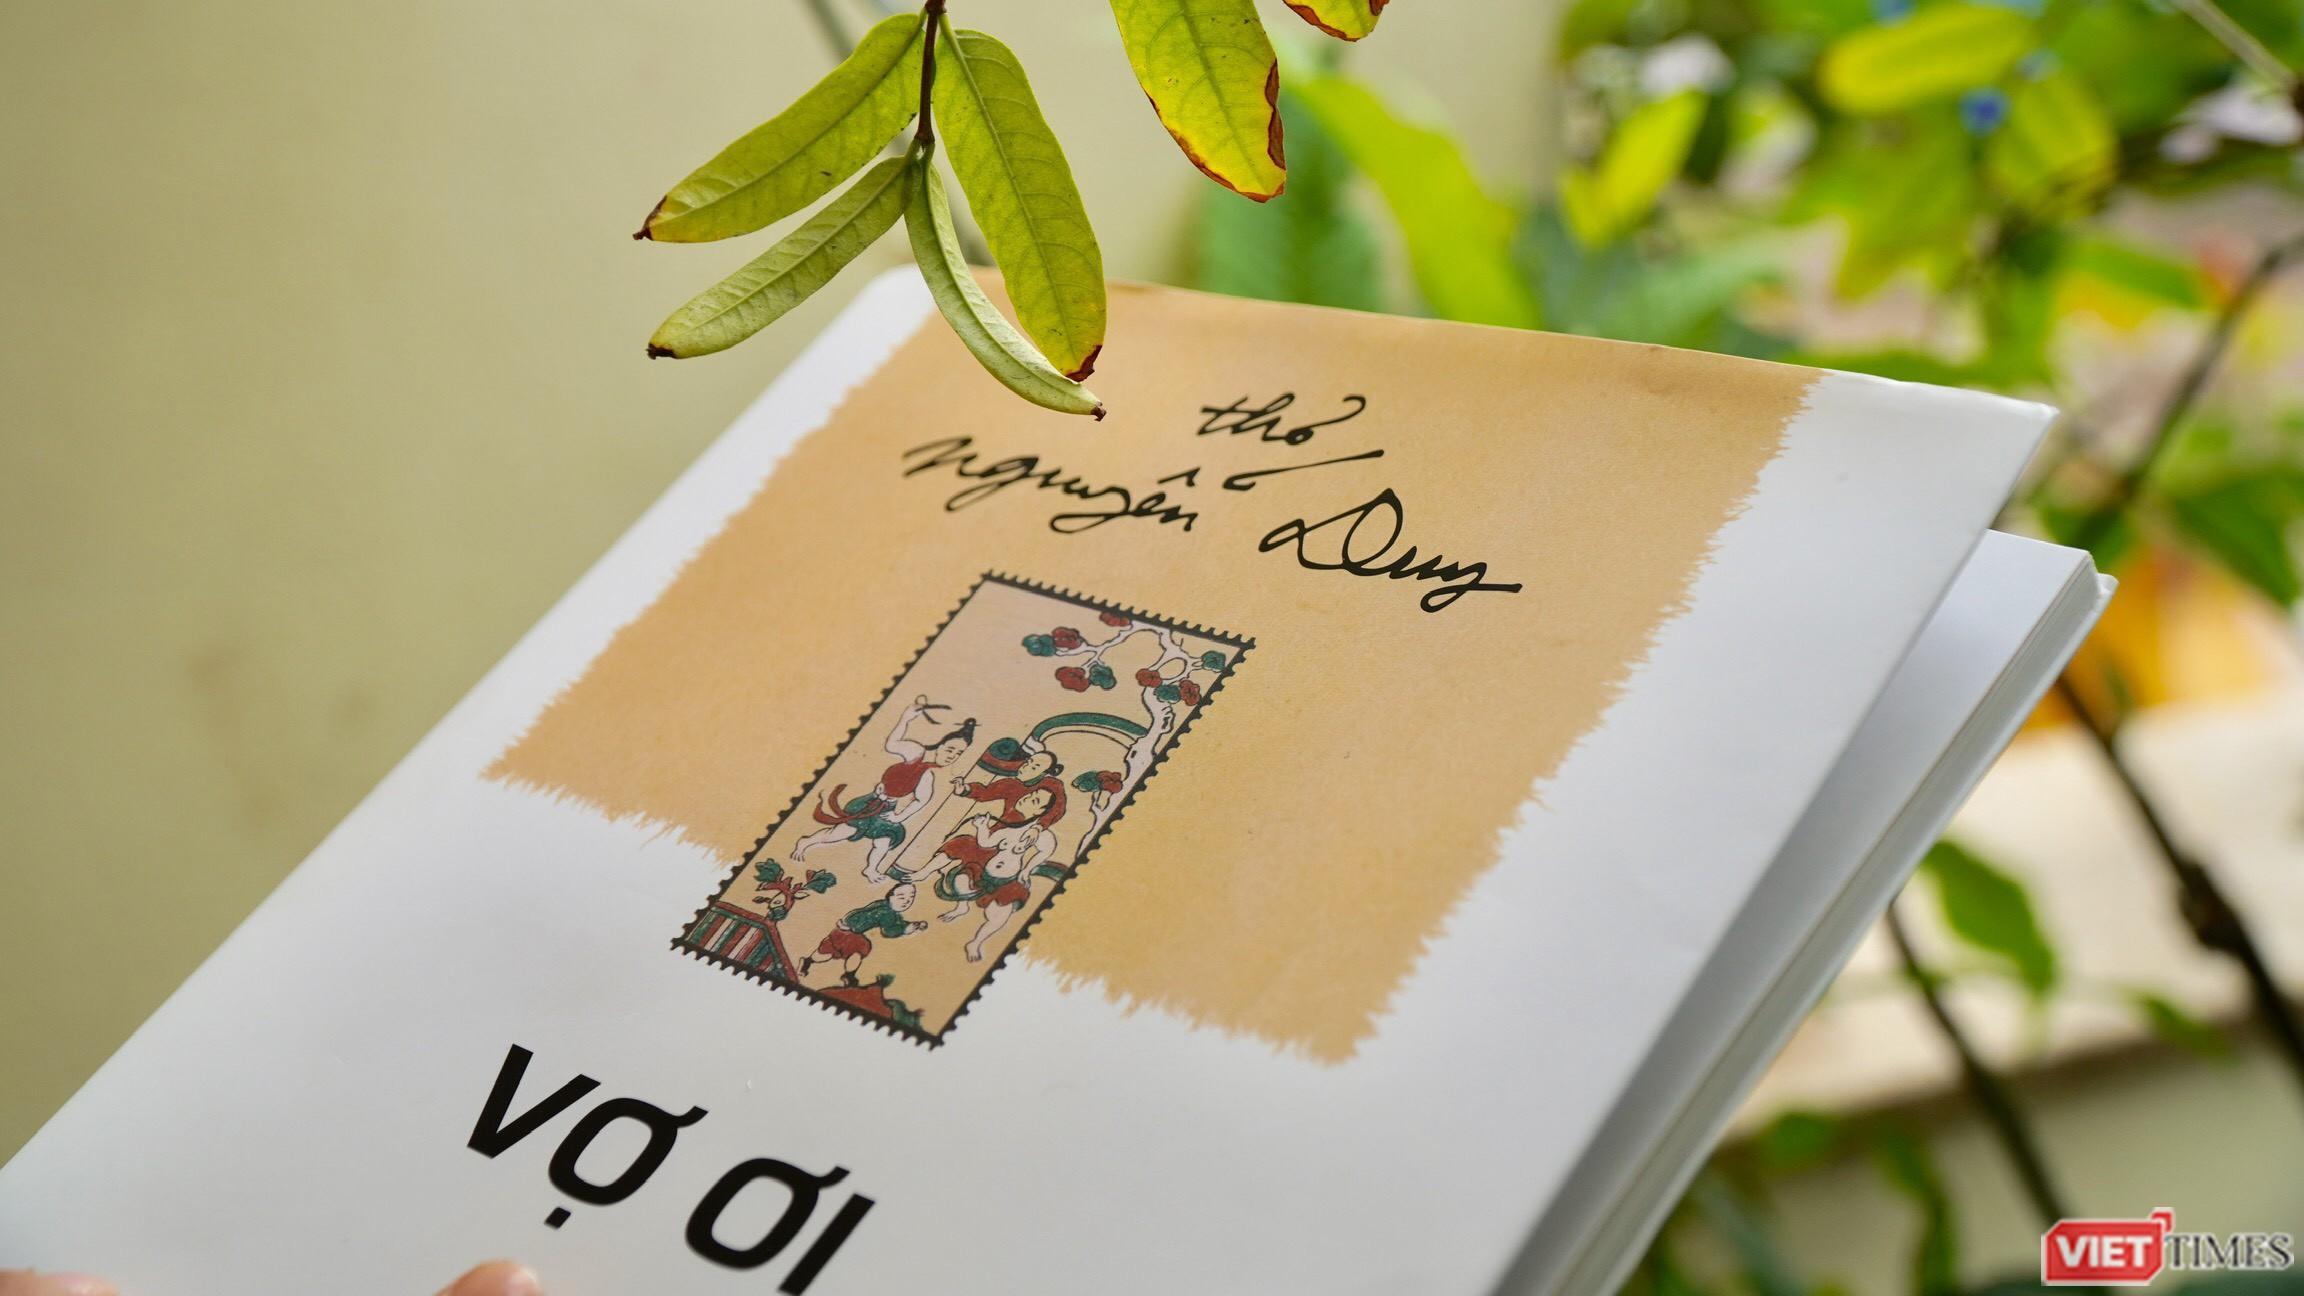 Nhà thơ Nguyễn Duy 'nịnh vợ' gây xúc động Ảnh 1